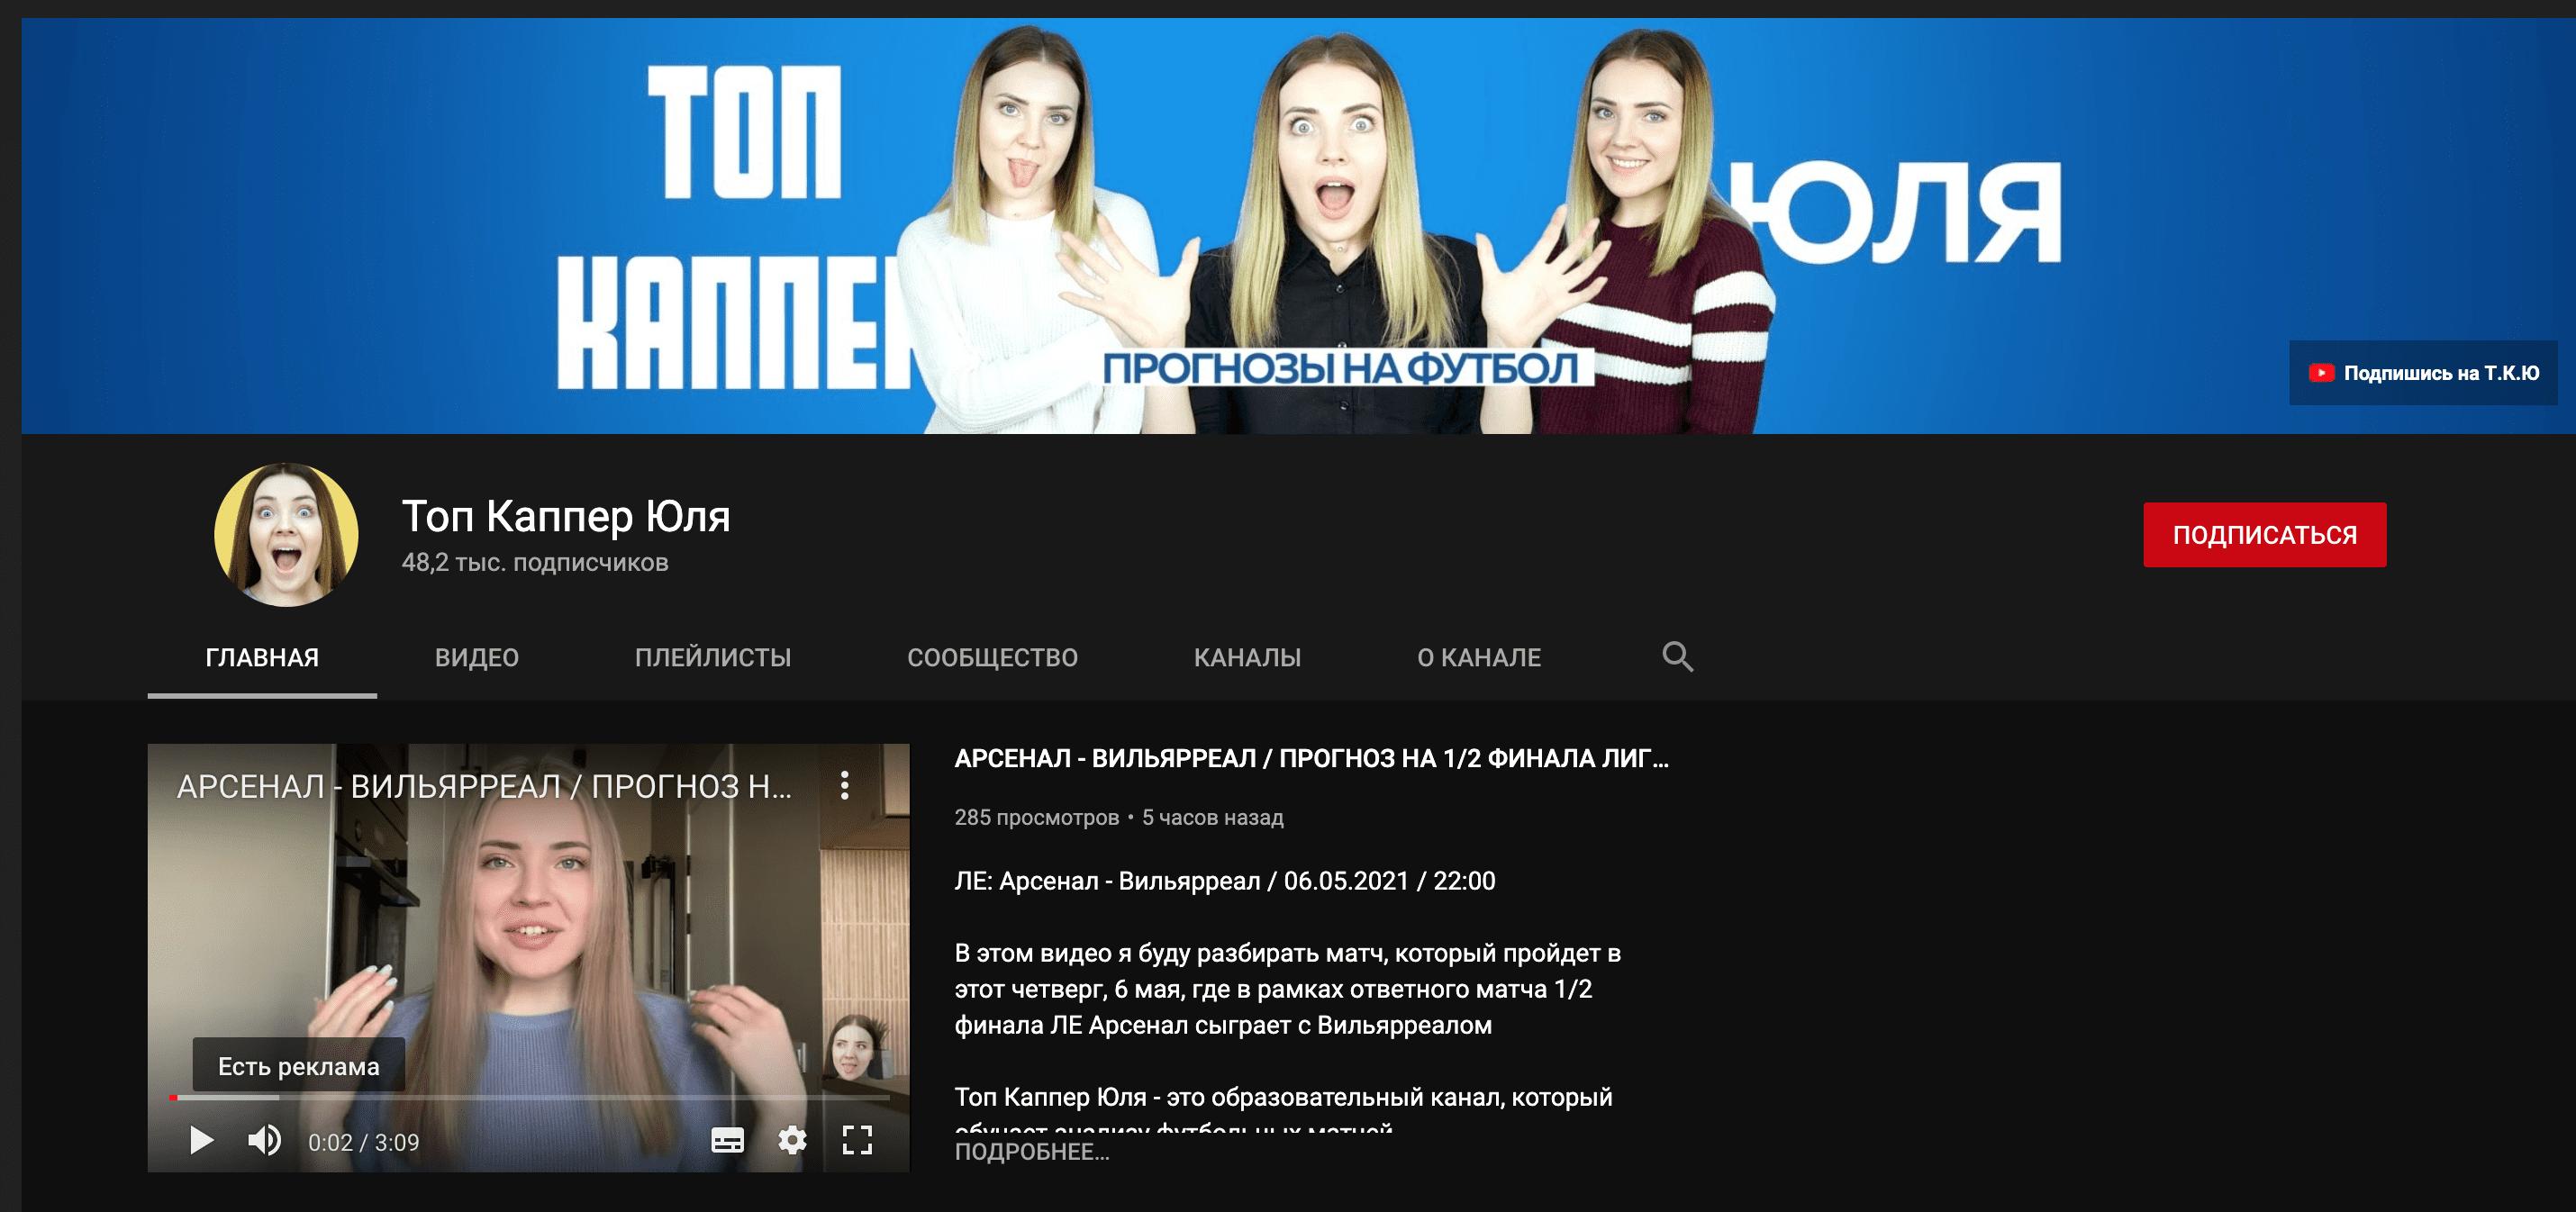 Ютуб канал проекта ТОП каппер Юля